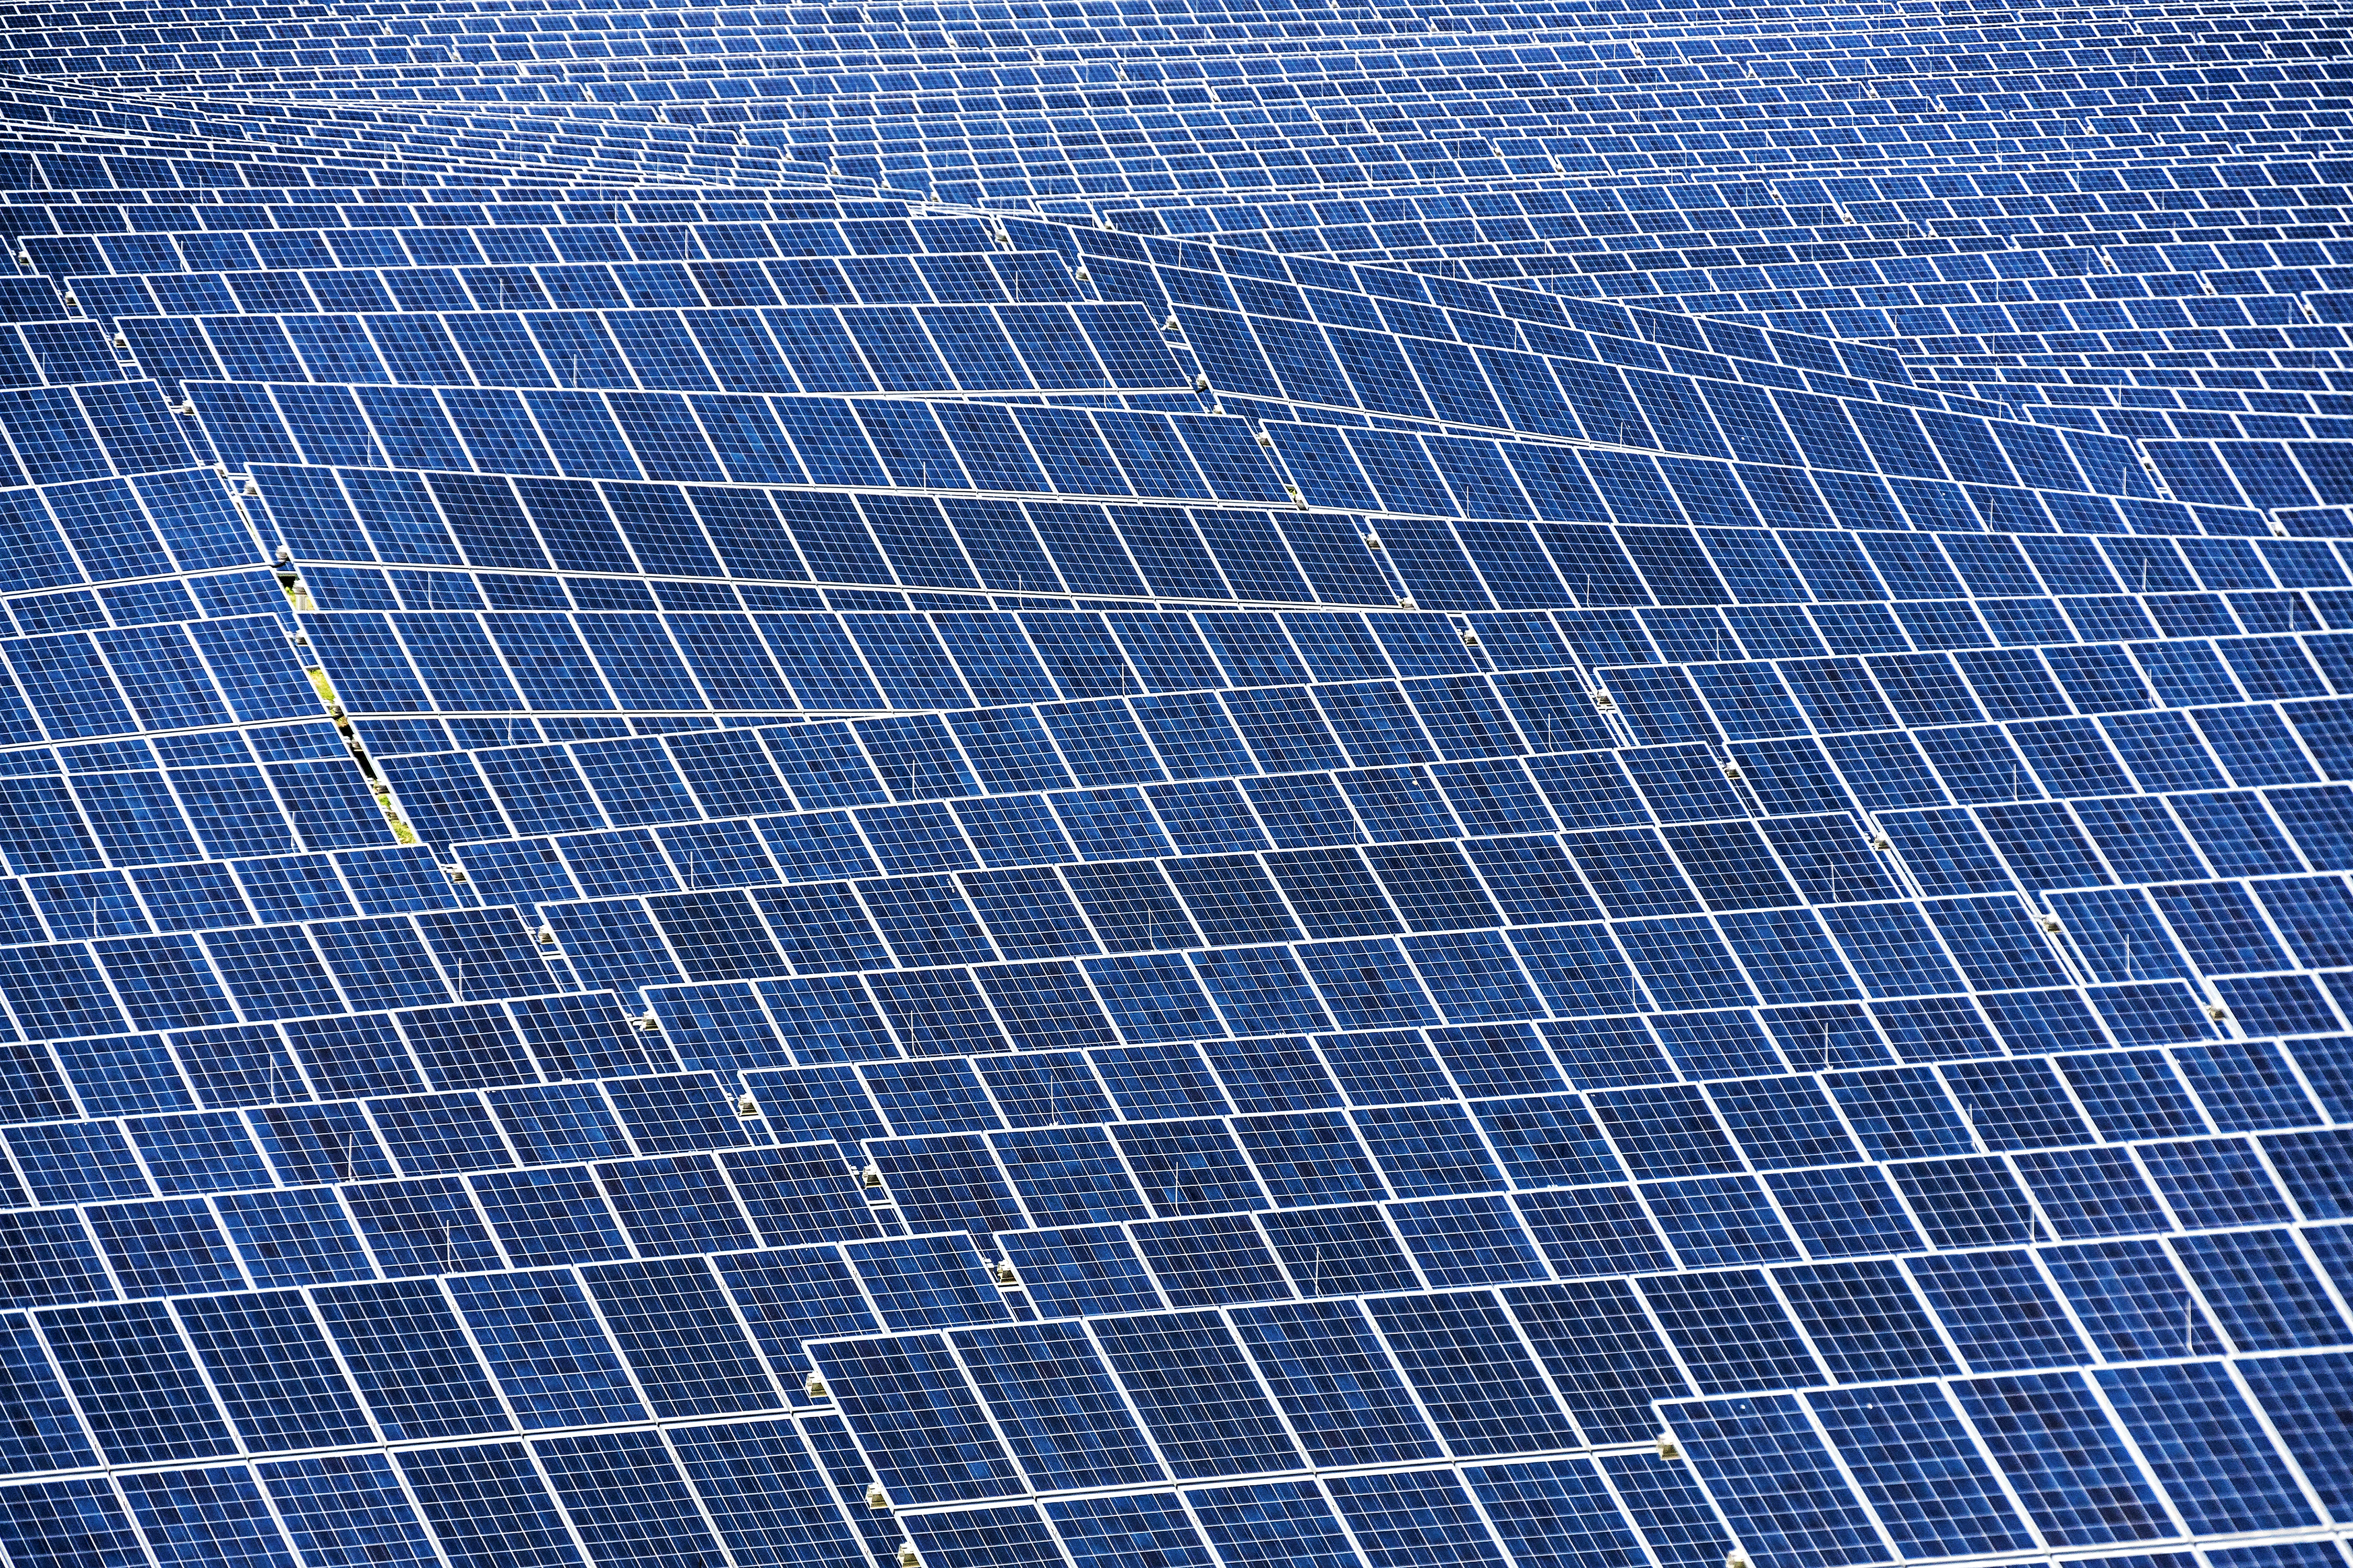 Fotovoltaikfreiflaechenanlage